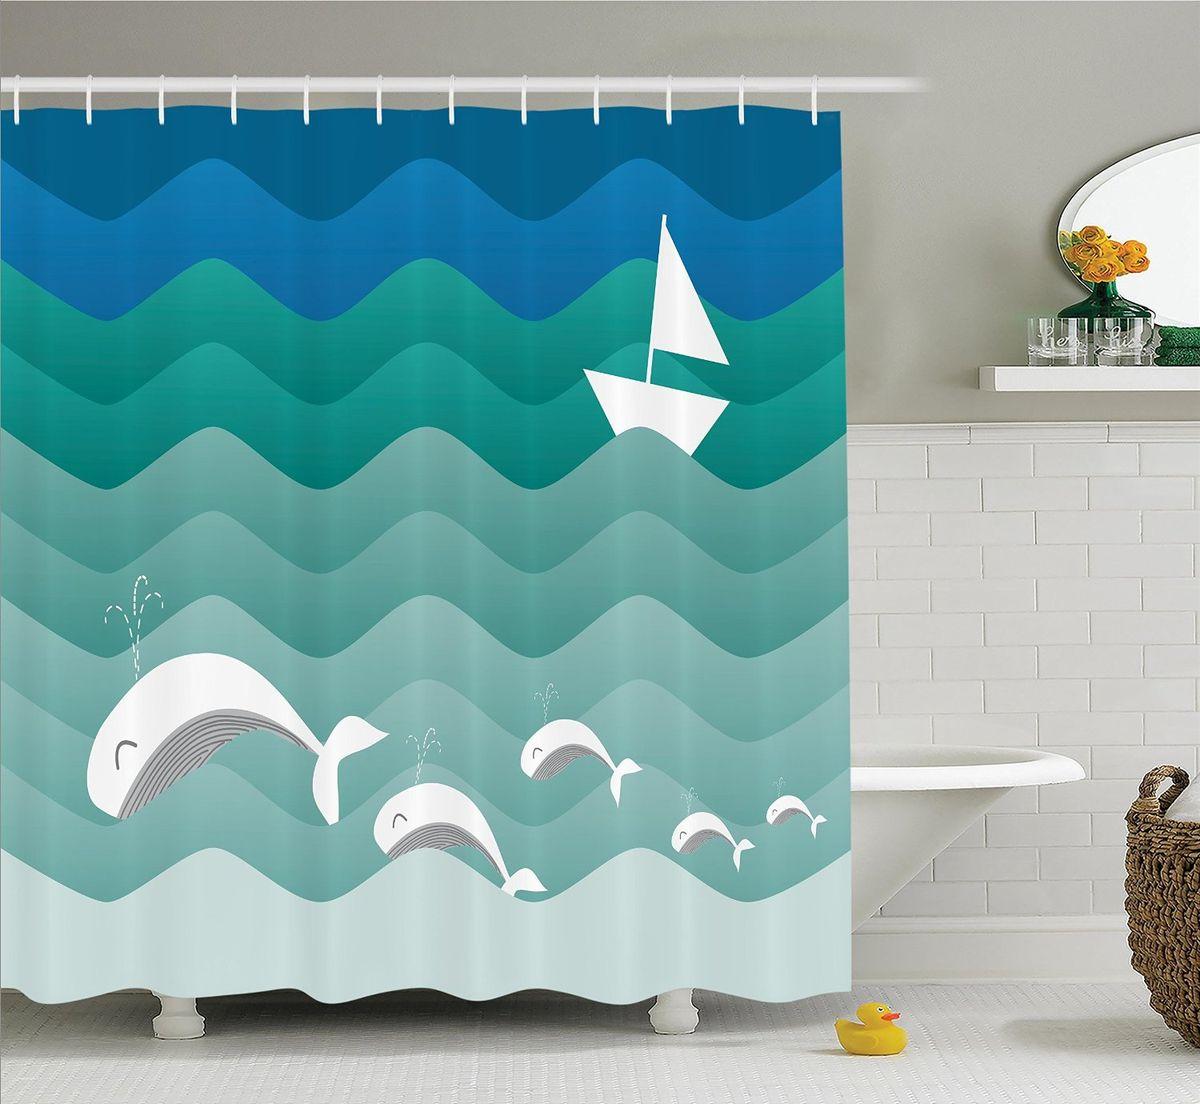 Штора для ванной комнаты Magic Lady Киты в зеленых волнах, 180 х 200 смшв_12545Штора Magic Lady Киты в зеленых волнах, изготовленная из высококачественного сатена (полиэстер 100%), отлично дополнит любой интерьер ванной комнаты. При изготовлении используются специальные гипоаллергенные чернила для прямой печати по ткани, безопасные для человека. В комплекте: 1 штора, 12 крючков. Обращаем ваше внимание, фактический цвет изделия может незначительно отличаться от представленного на фото.